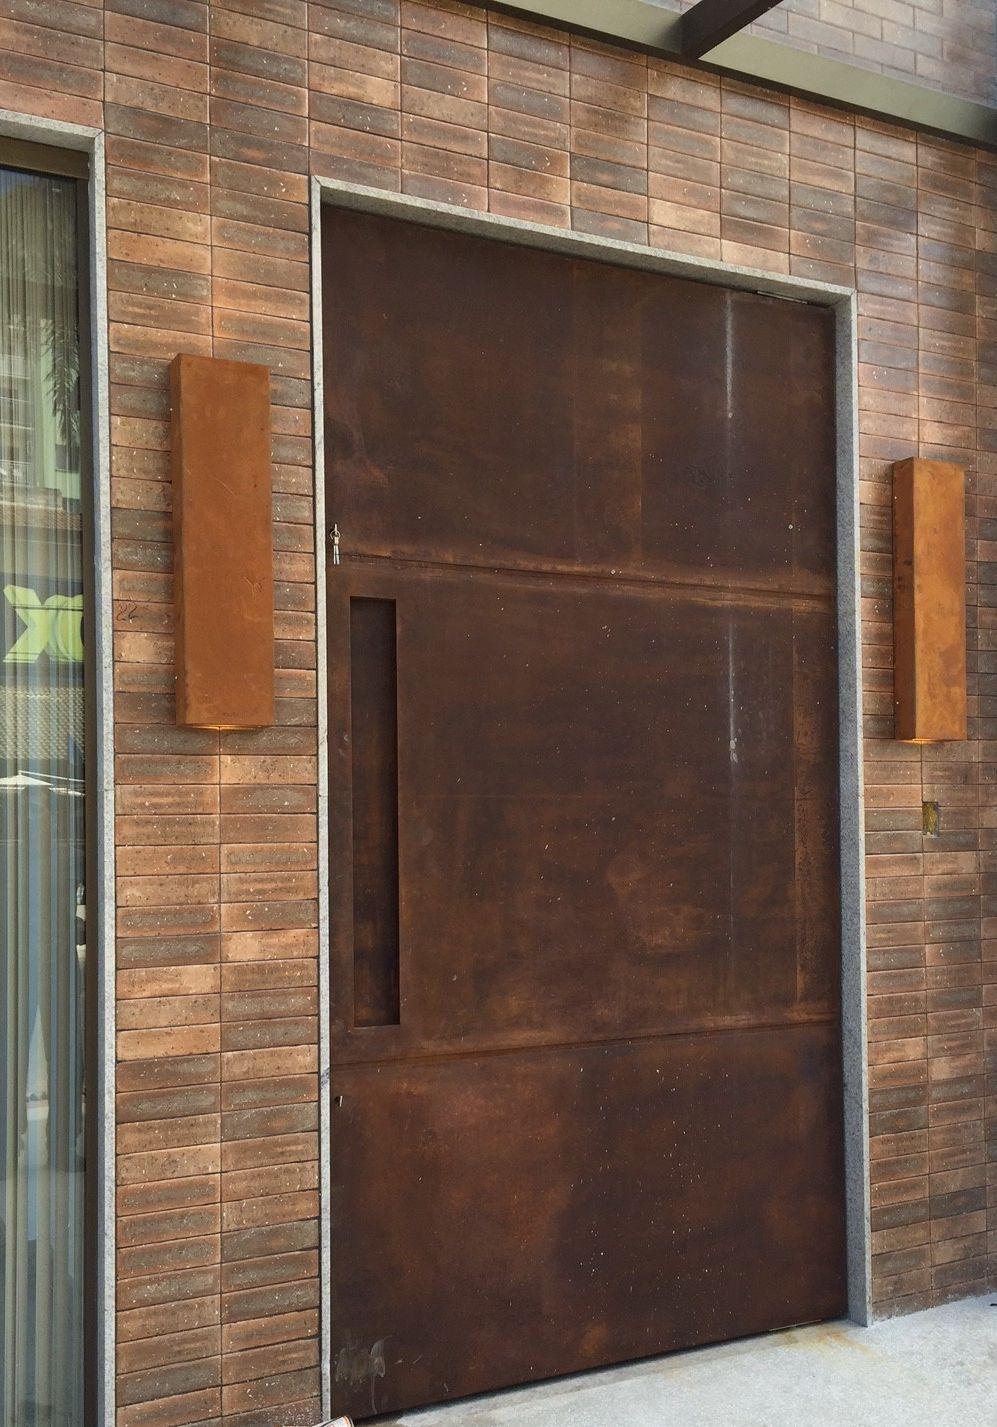 Fabricamos Qualquer Tipo De Produto Em Aço Corten Escapas Portas Portões Fachadas Patinavel